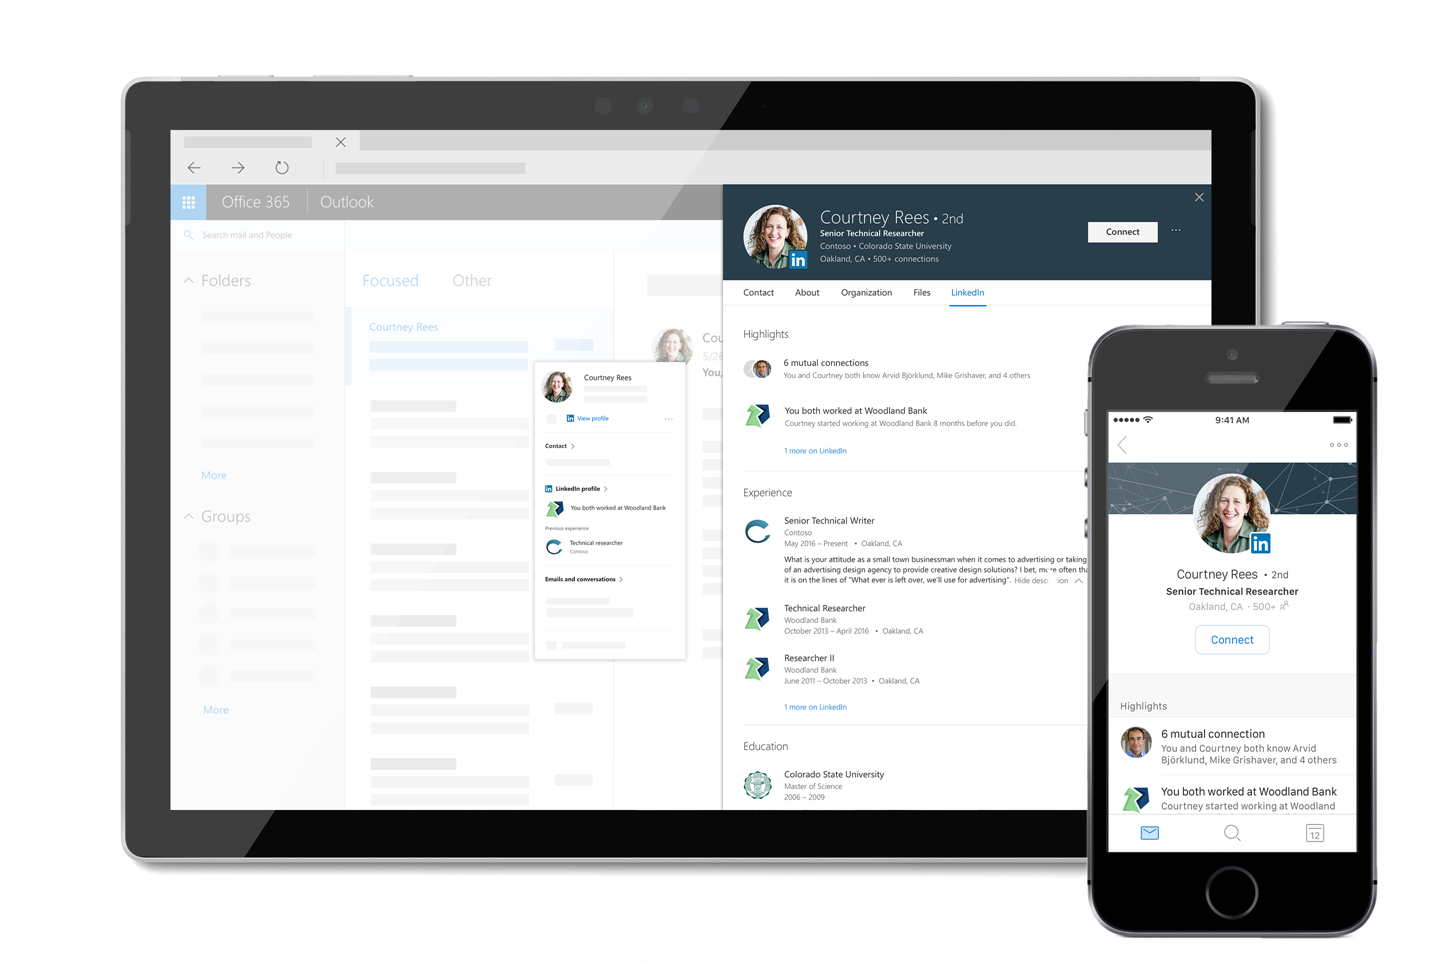 LinkedIn a Microsoft-alkalmazásokban